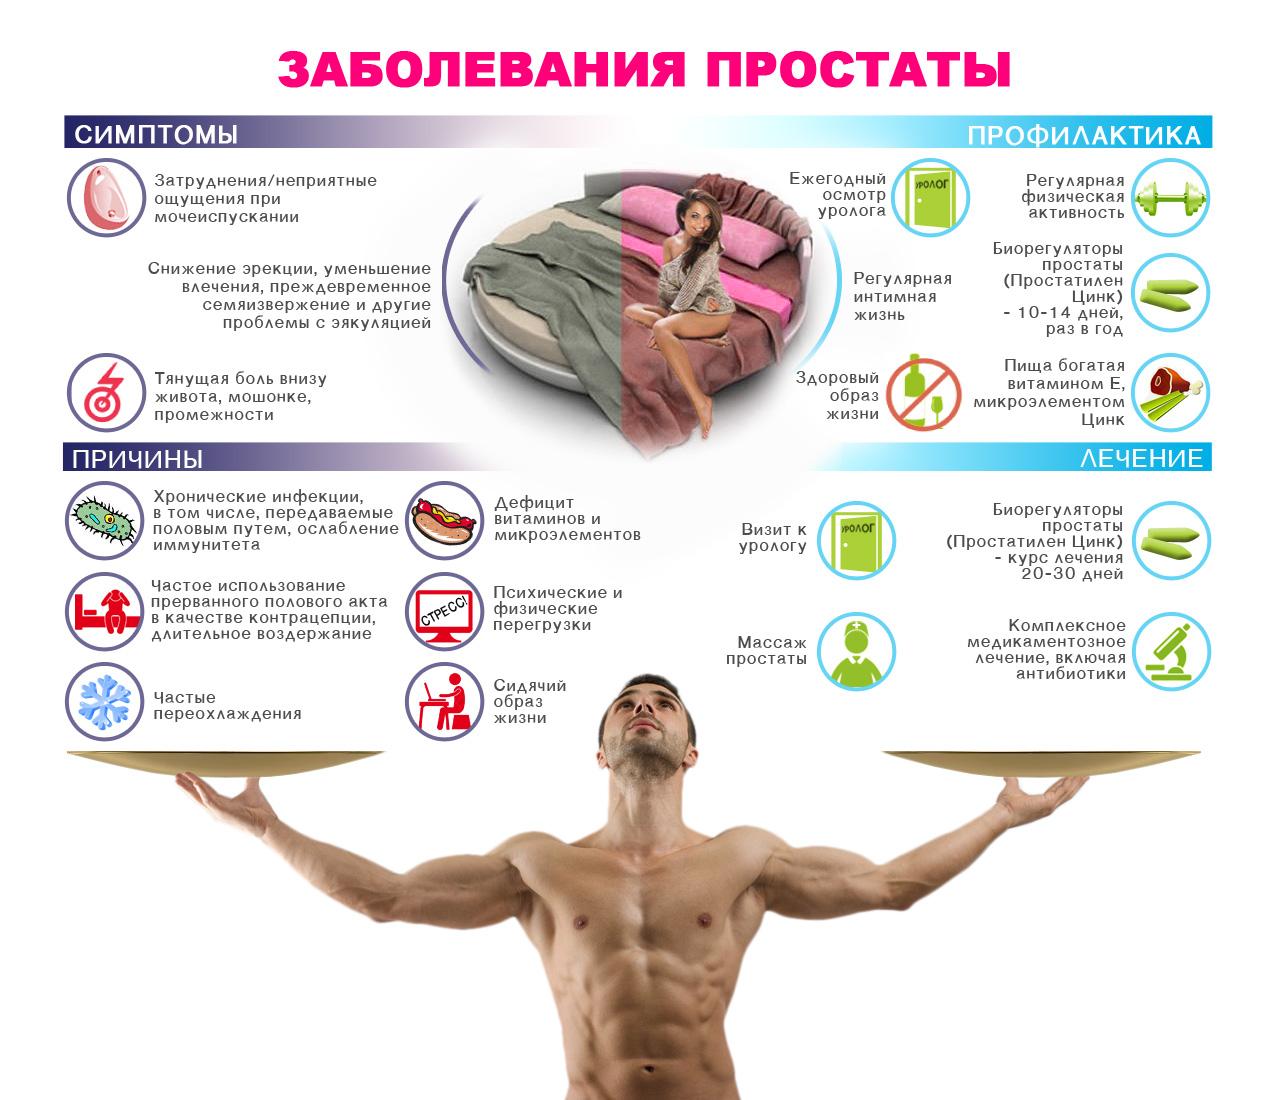 простатит симптомы и способы лечения